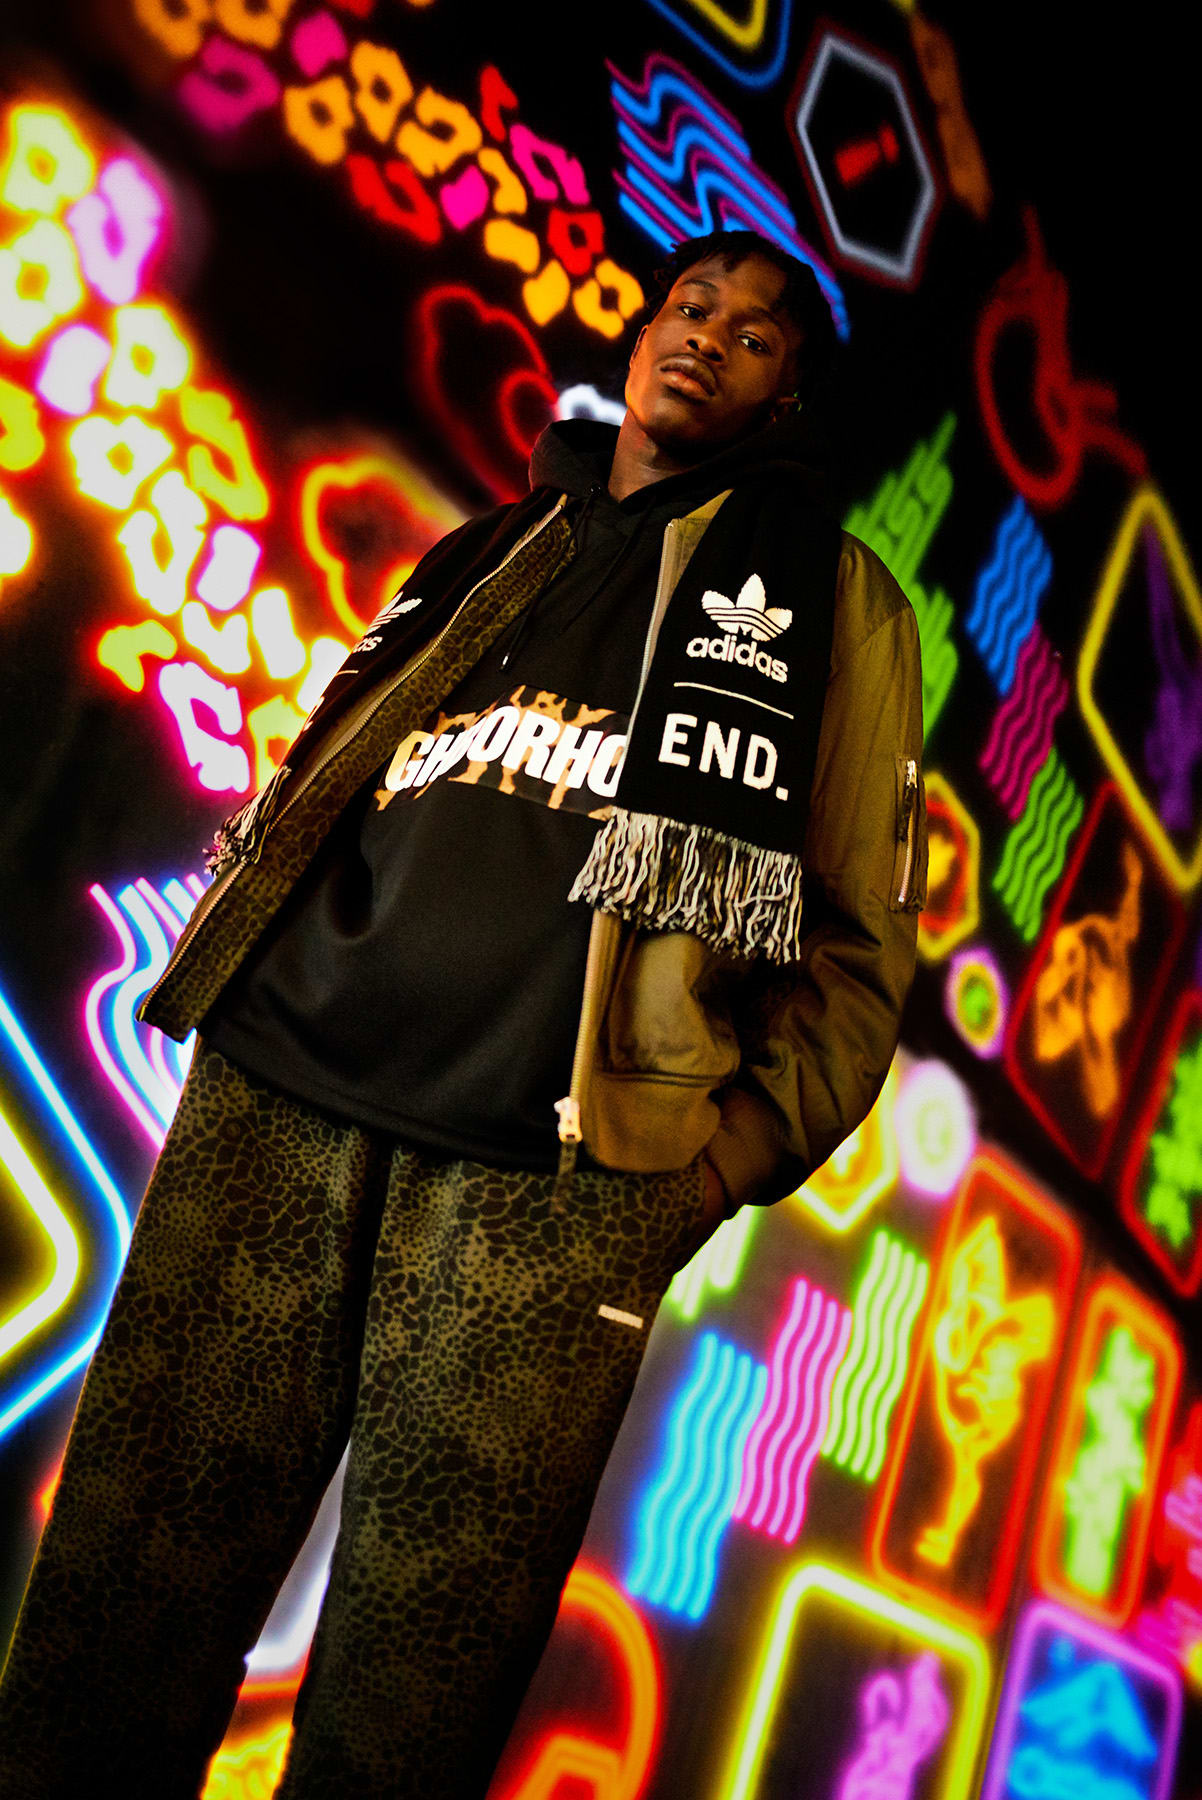 END. x adidas x Neighborhood Look Book